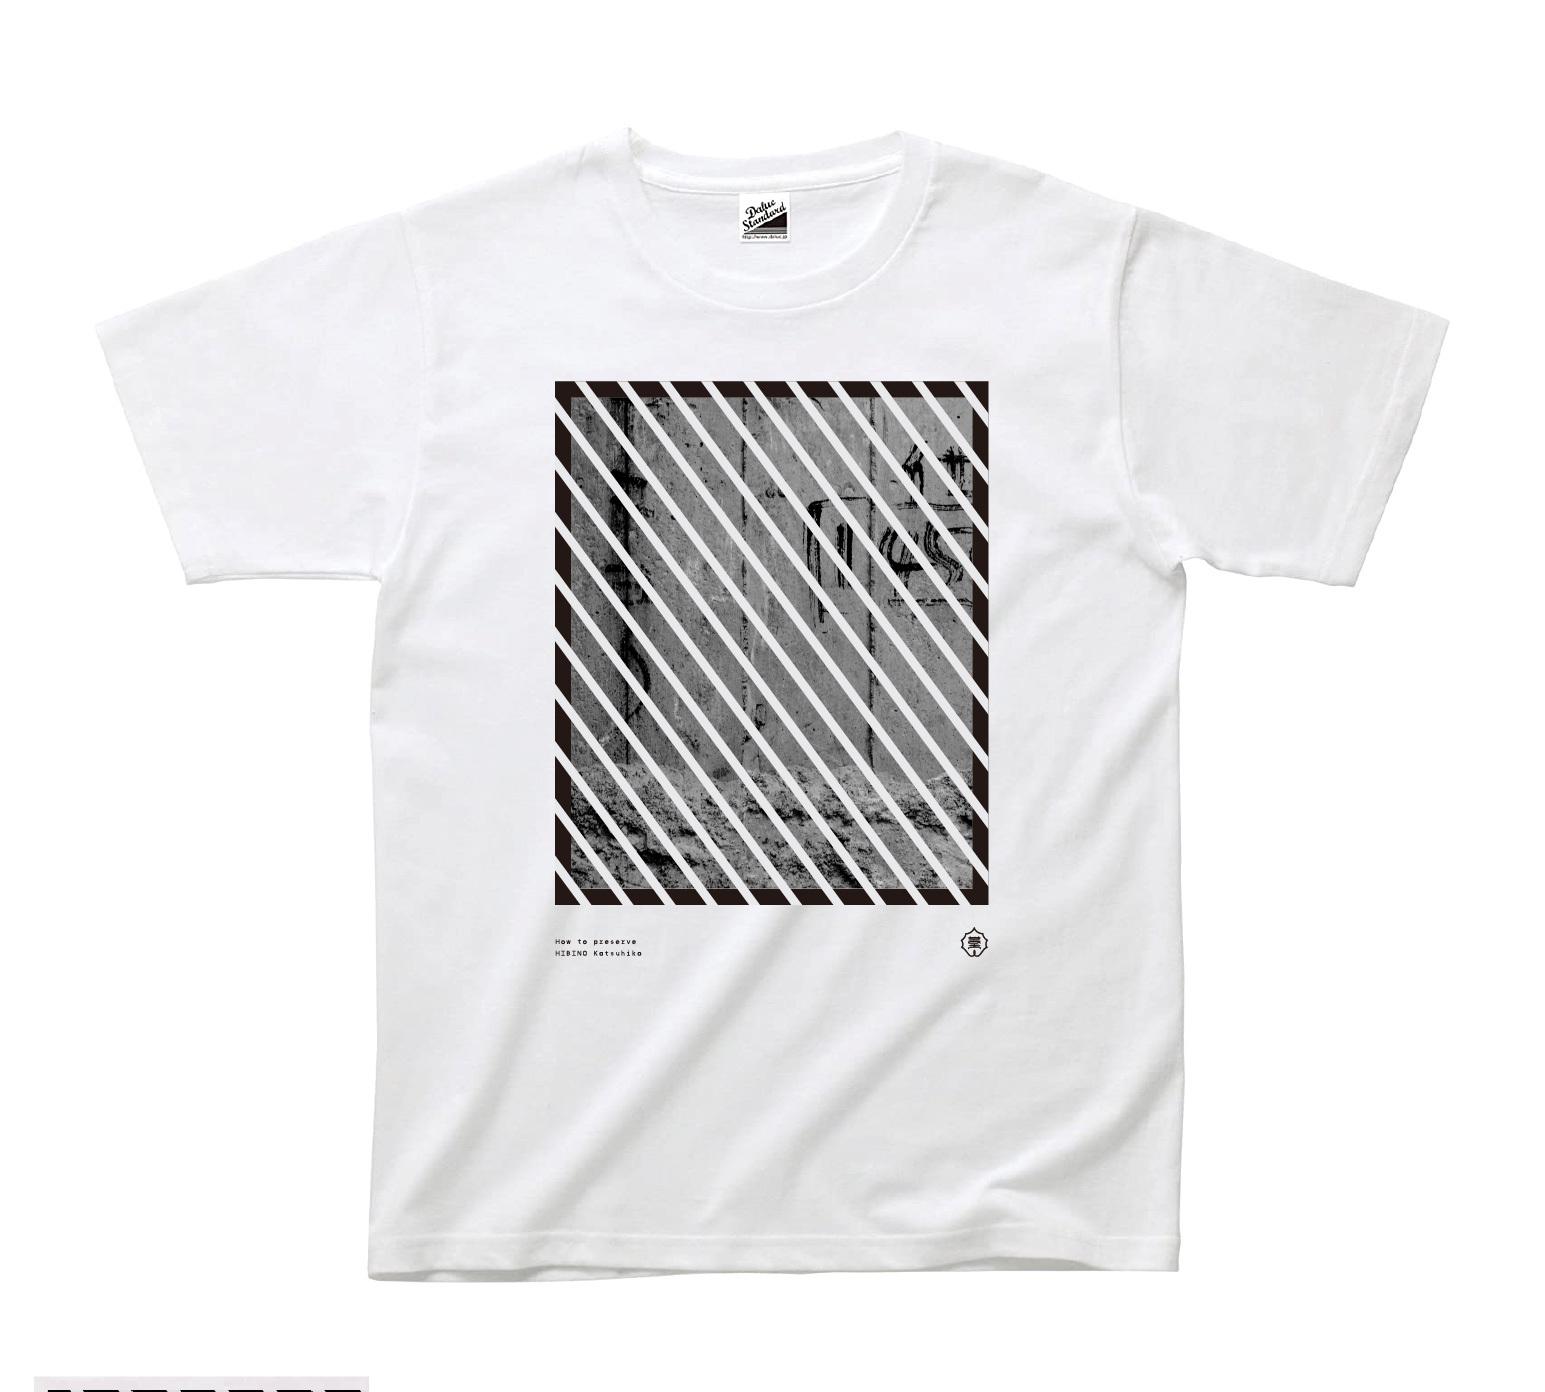 2020-11-13T-shirts 15.jpg